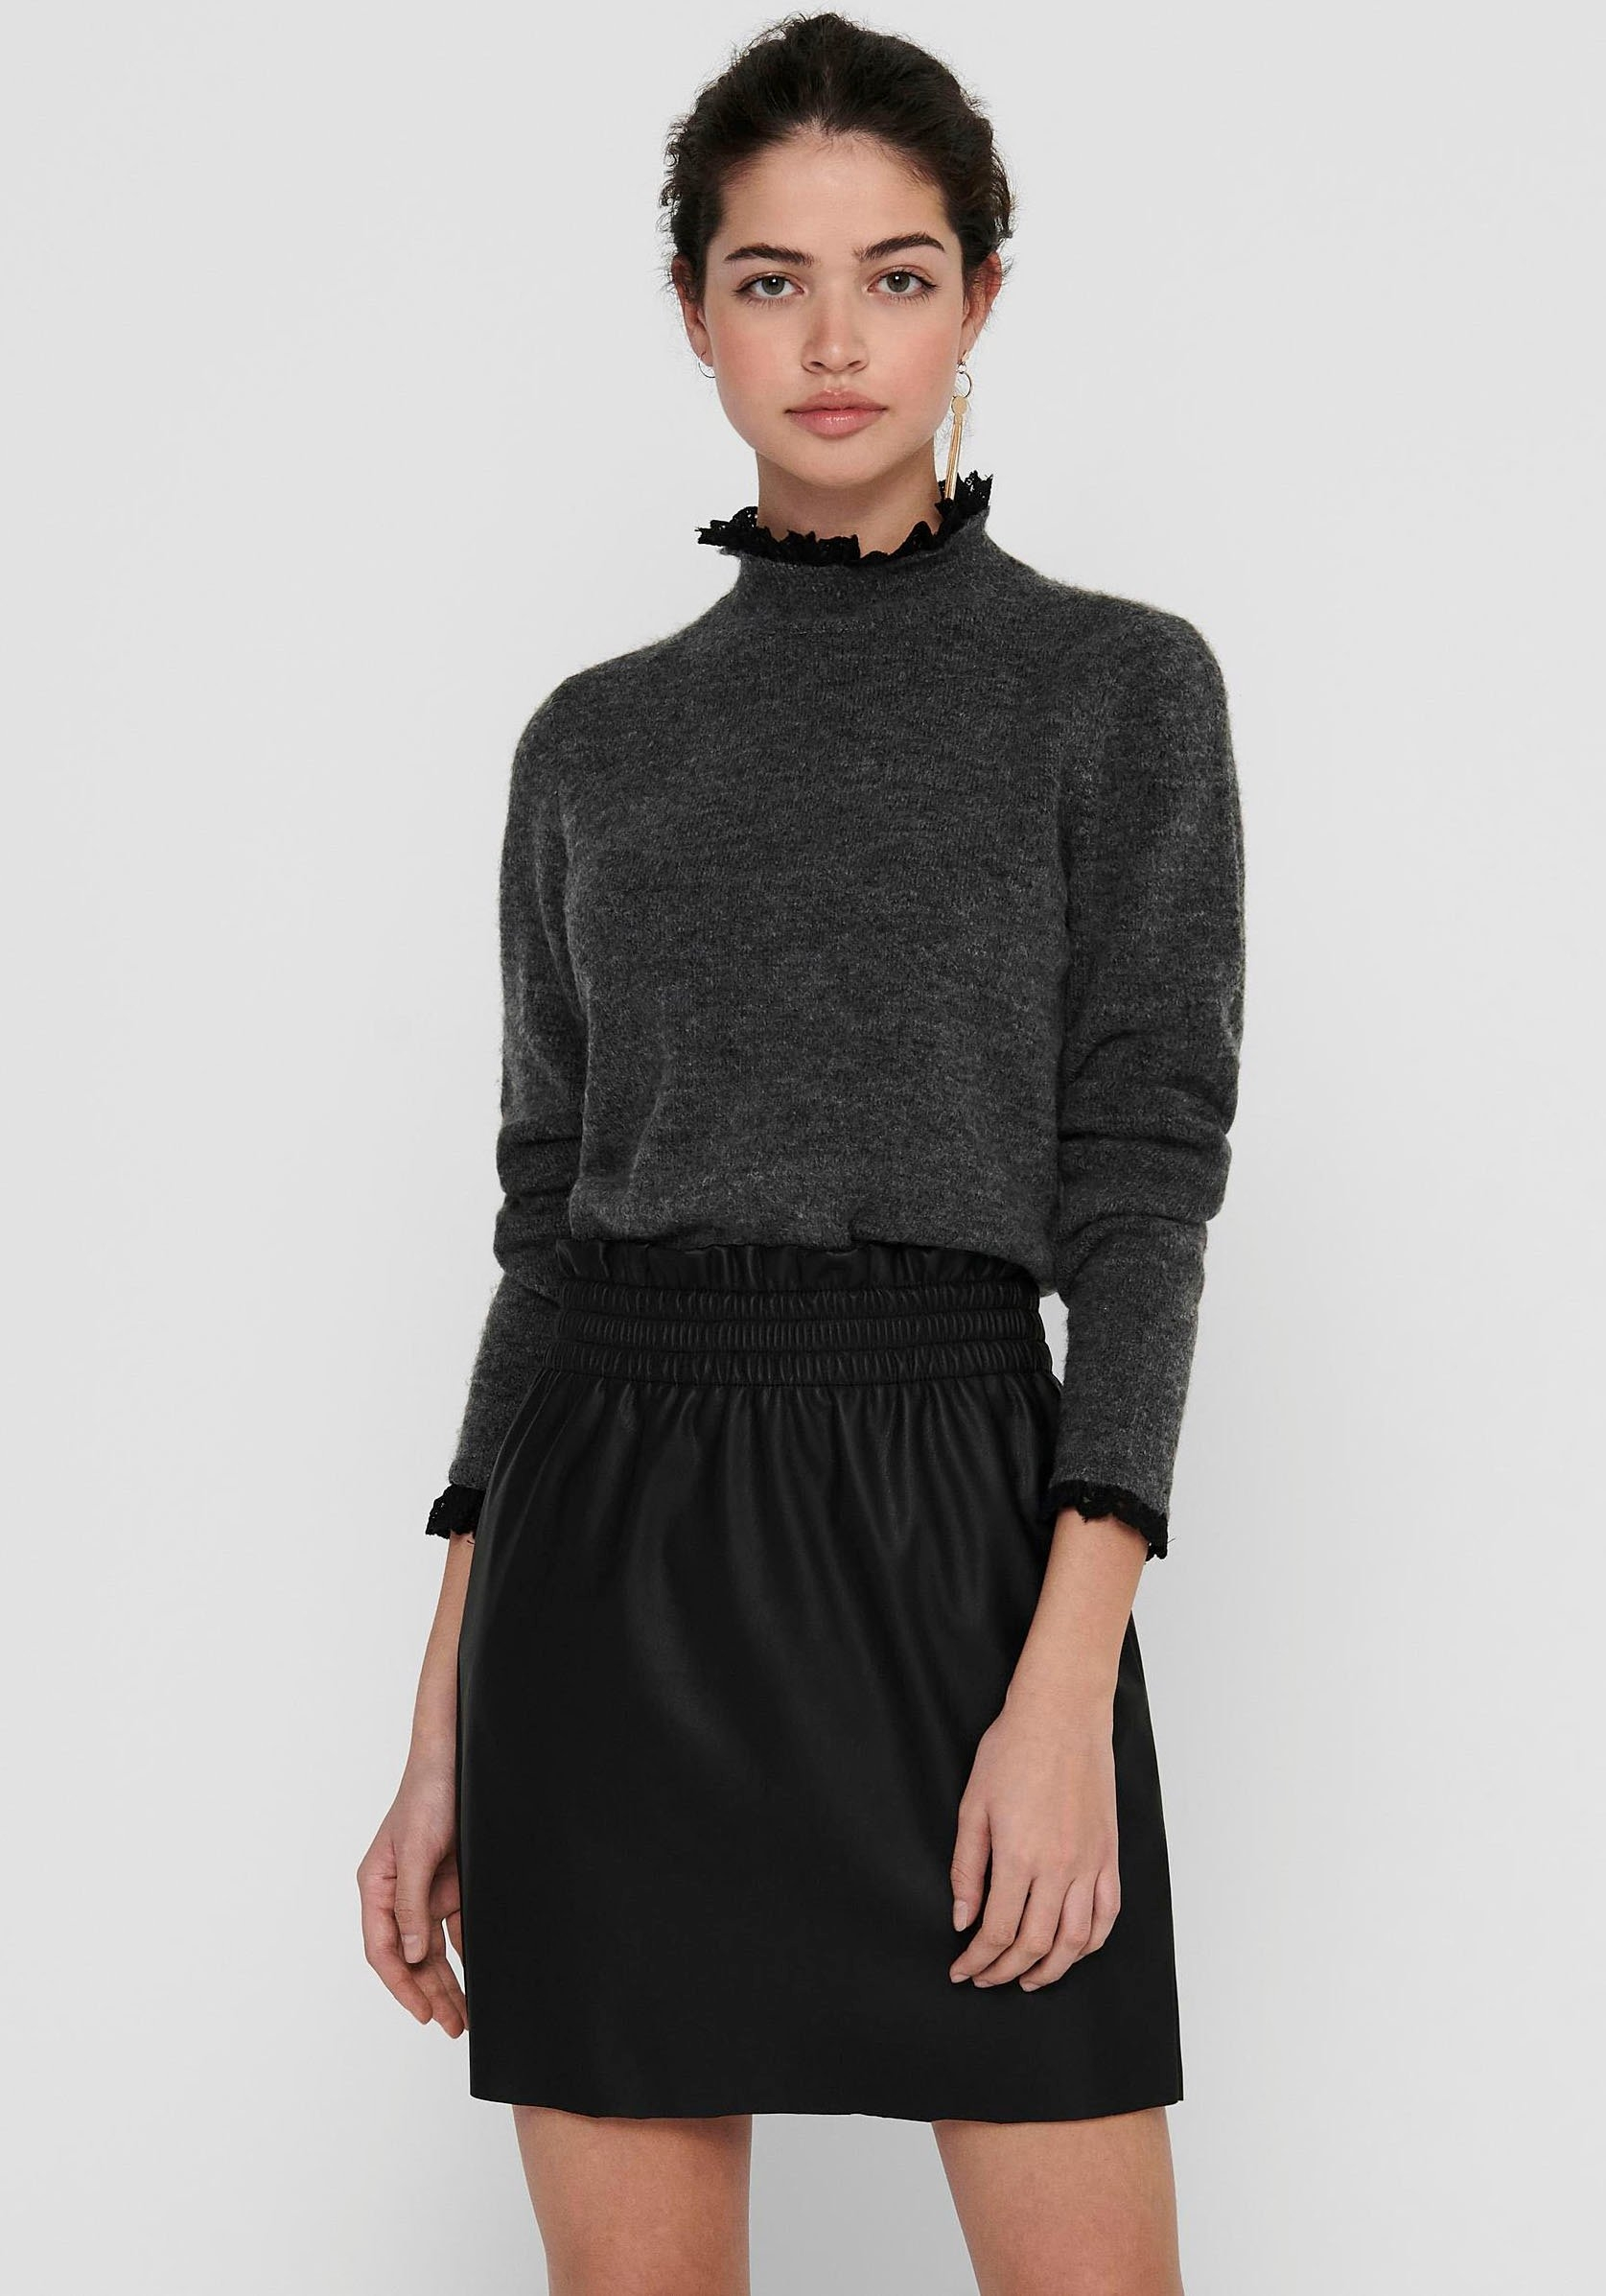 ONLY trui met staande kraag »ONLELSIE« voordelig en veilig online kopen